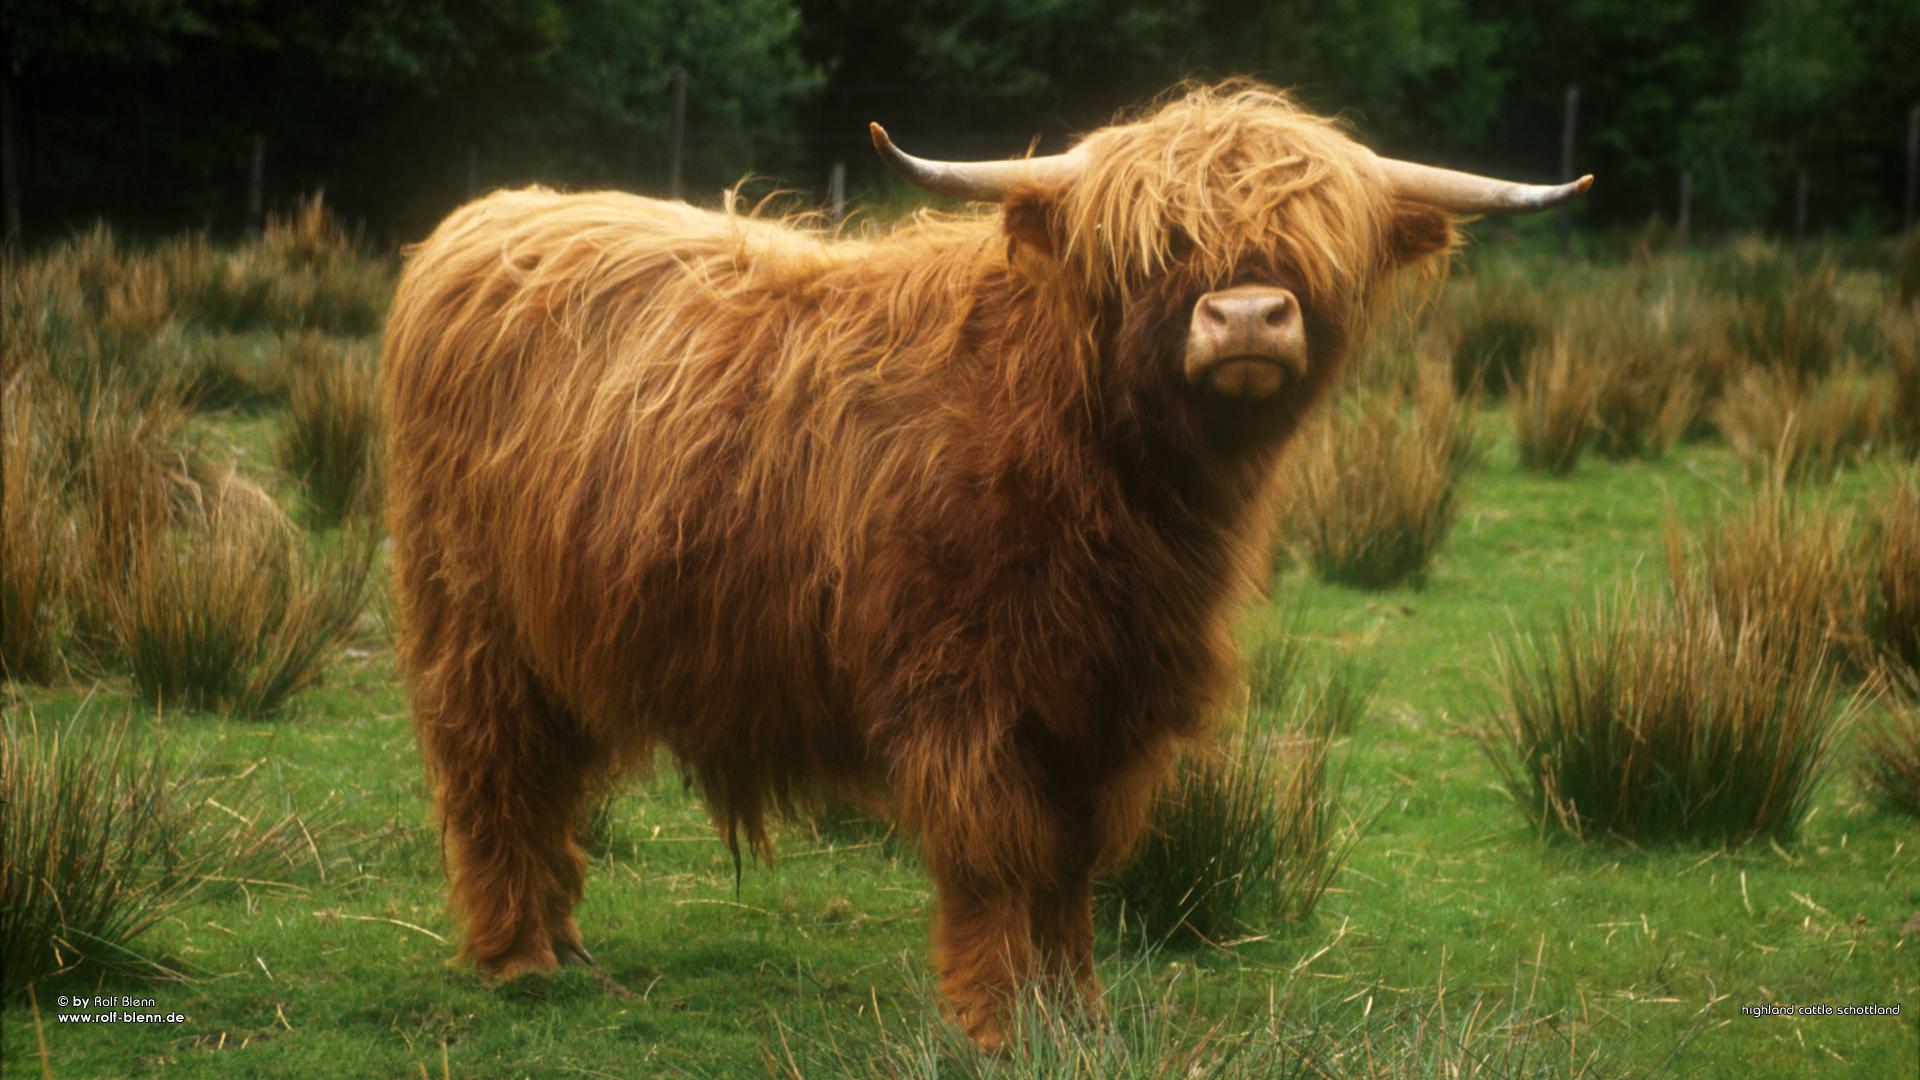 Плюшевая корова: описание породы, уход и происхождение животного